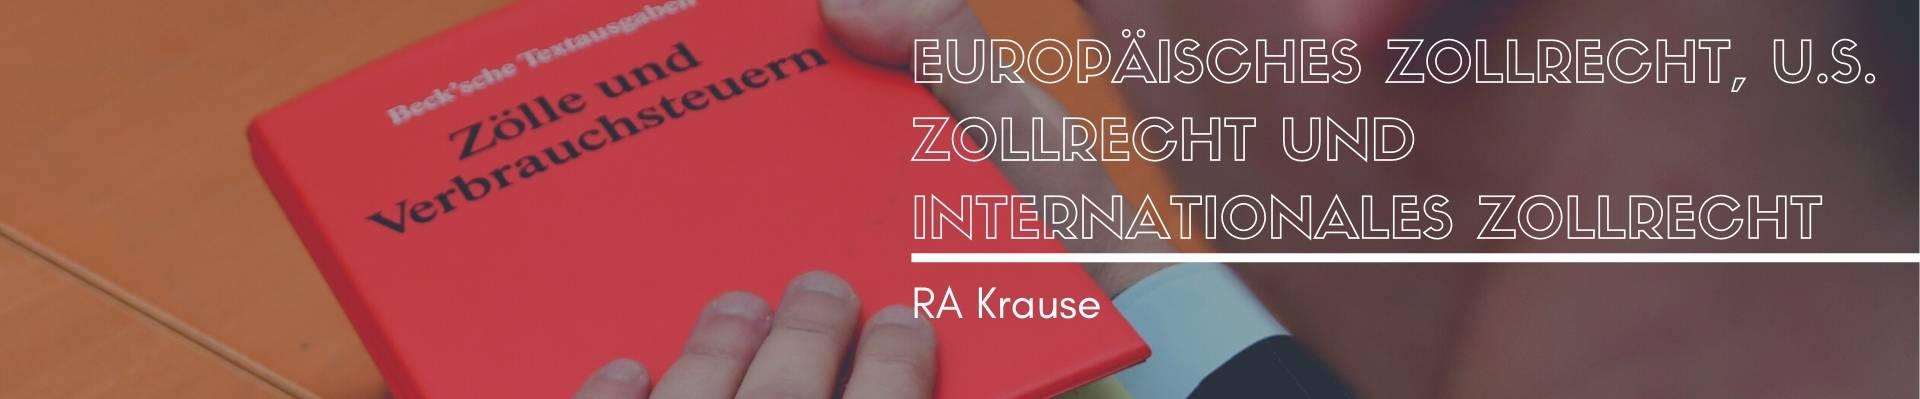 Europäisches Zollrecht, U.S. Zollrecht und internationales Zollrecht